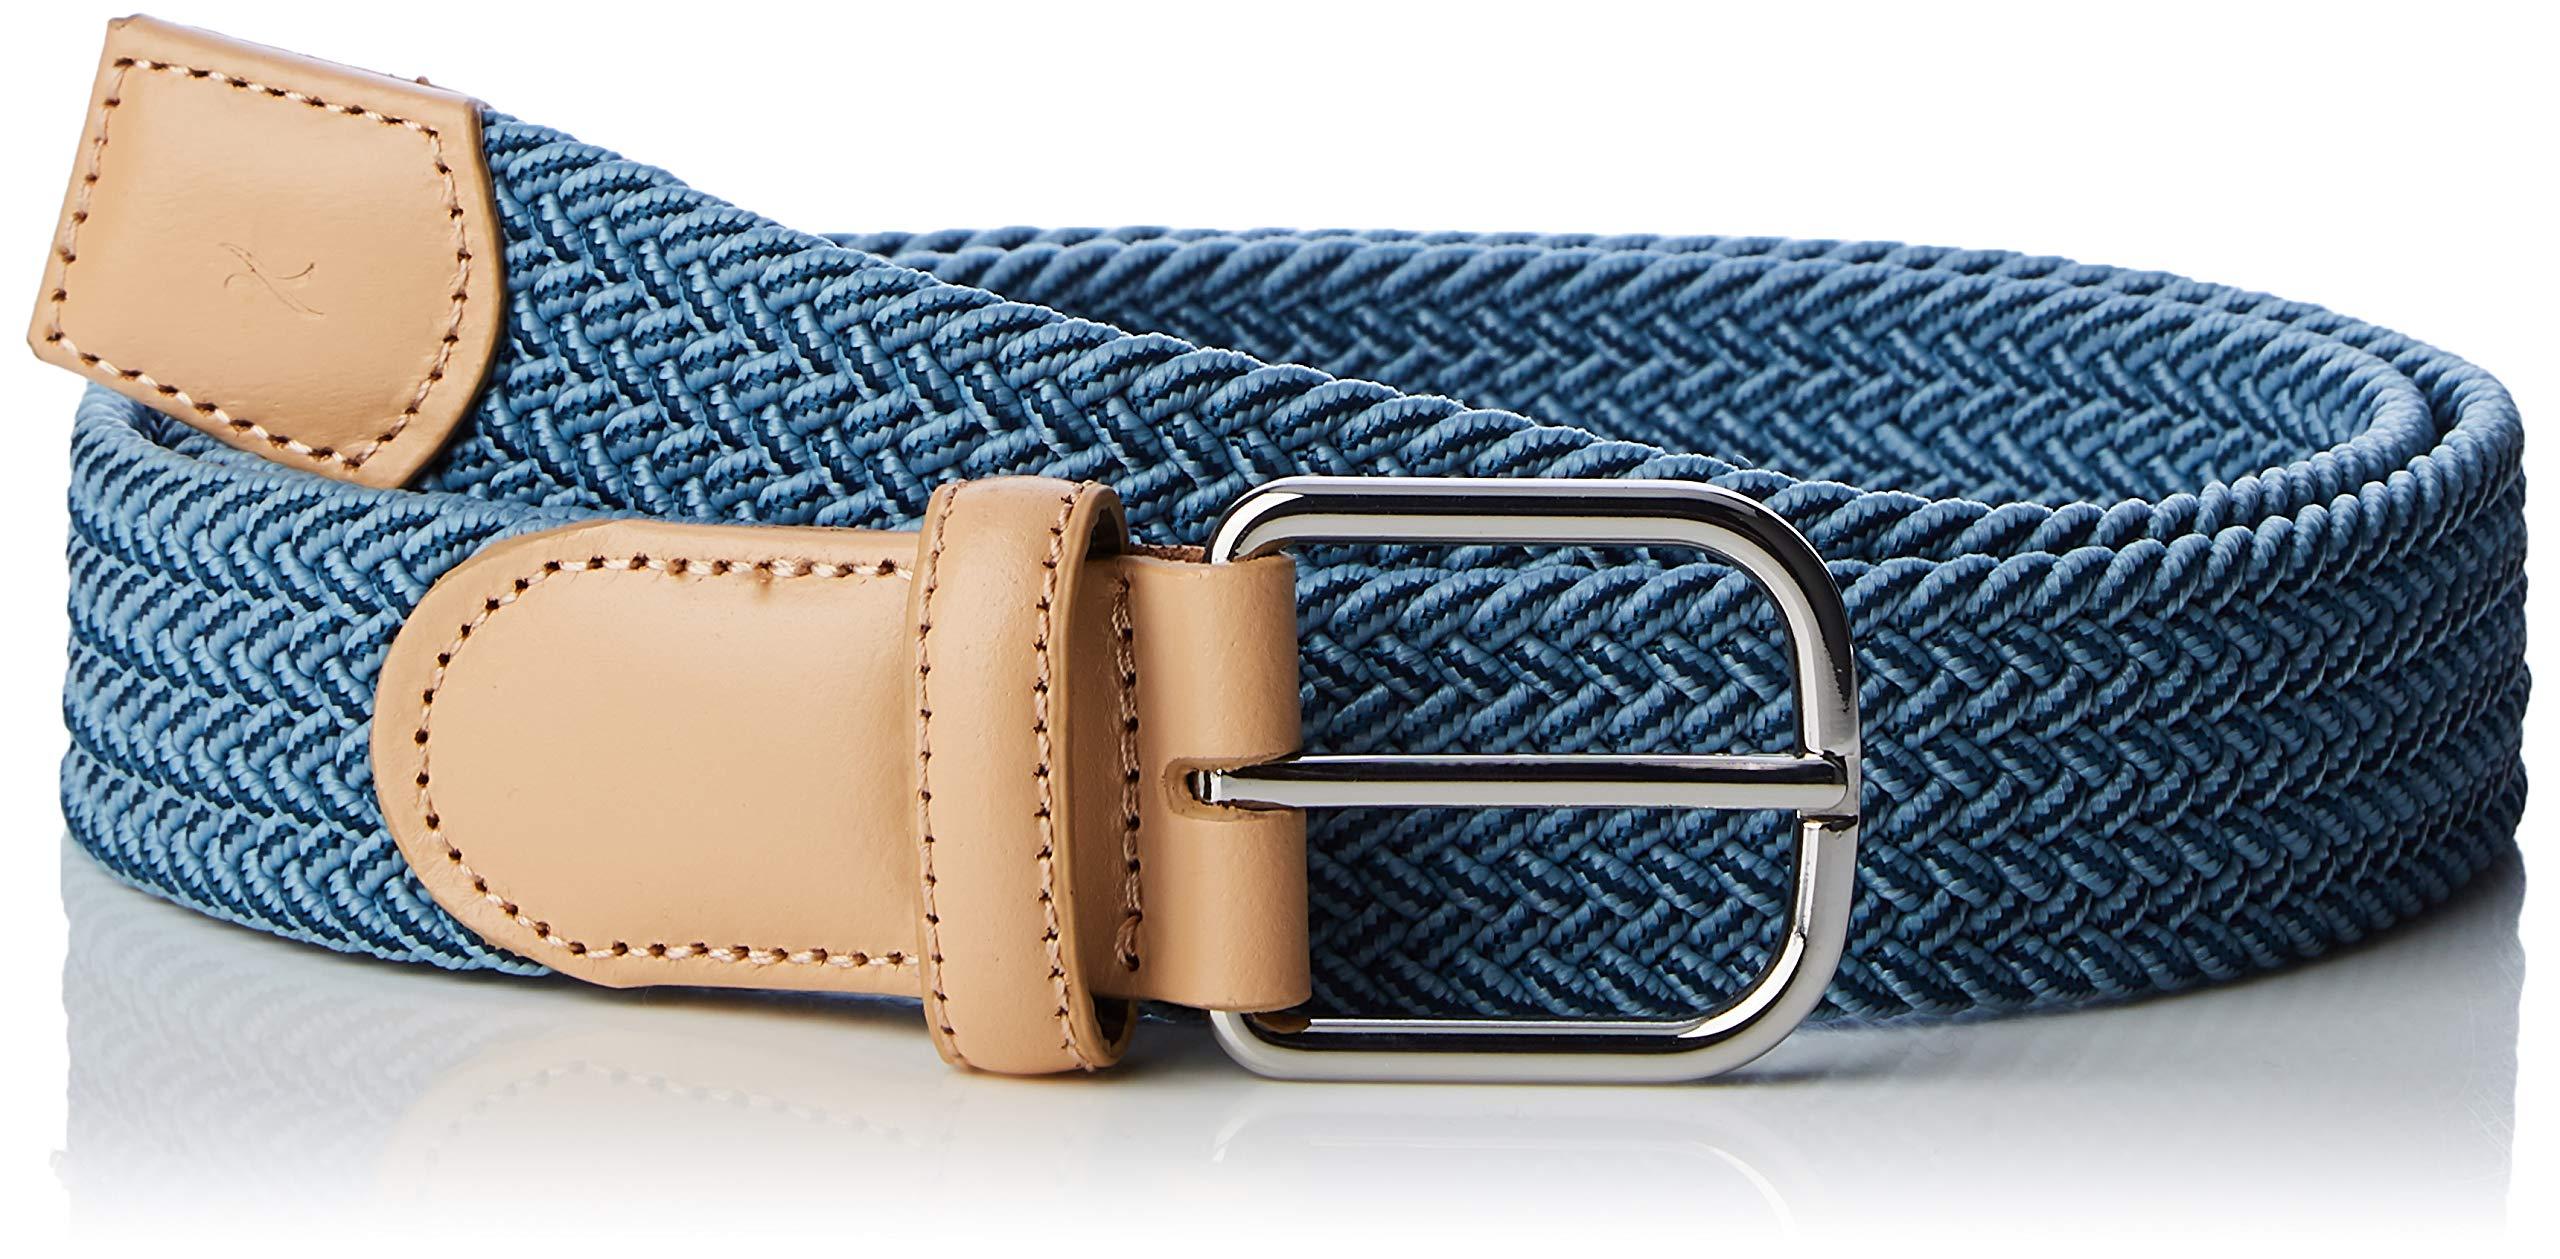 Brax Gürtel blau